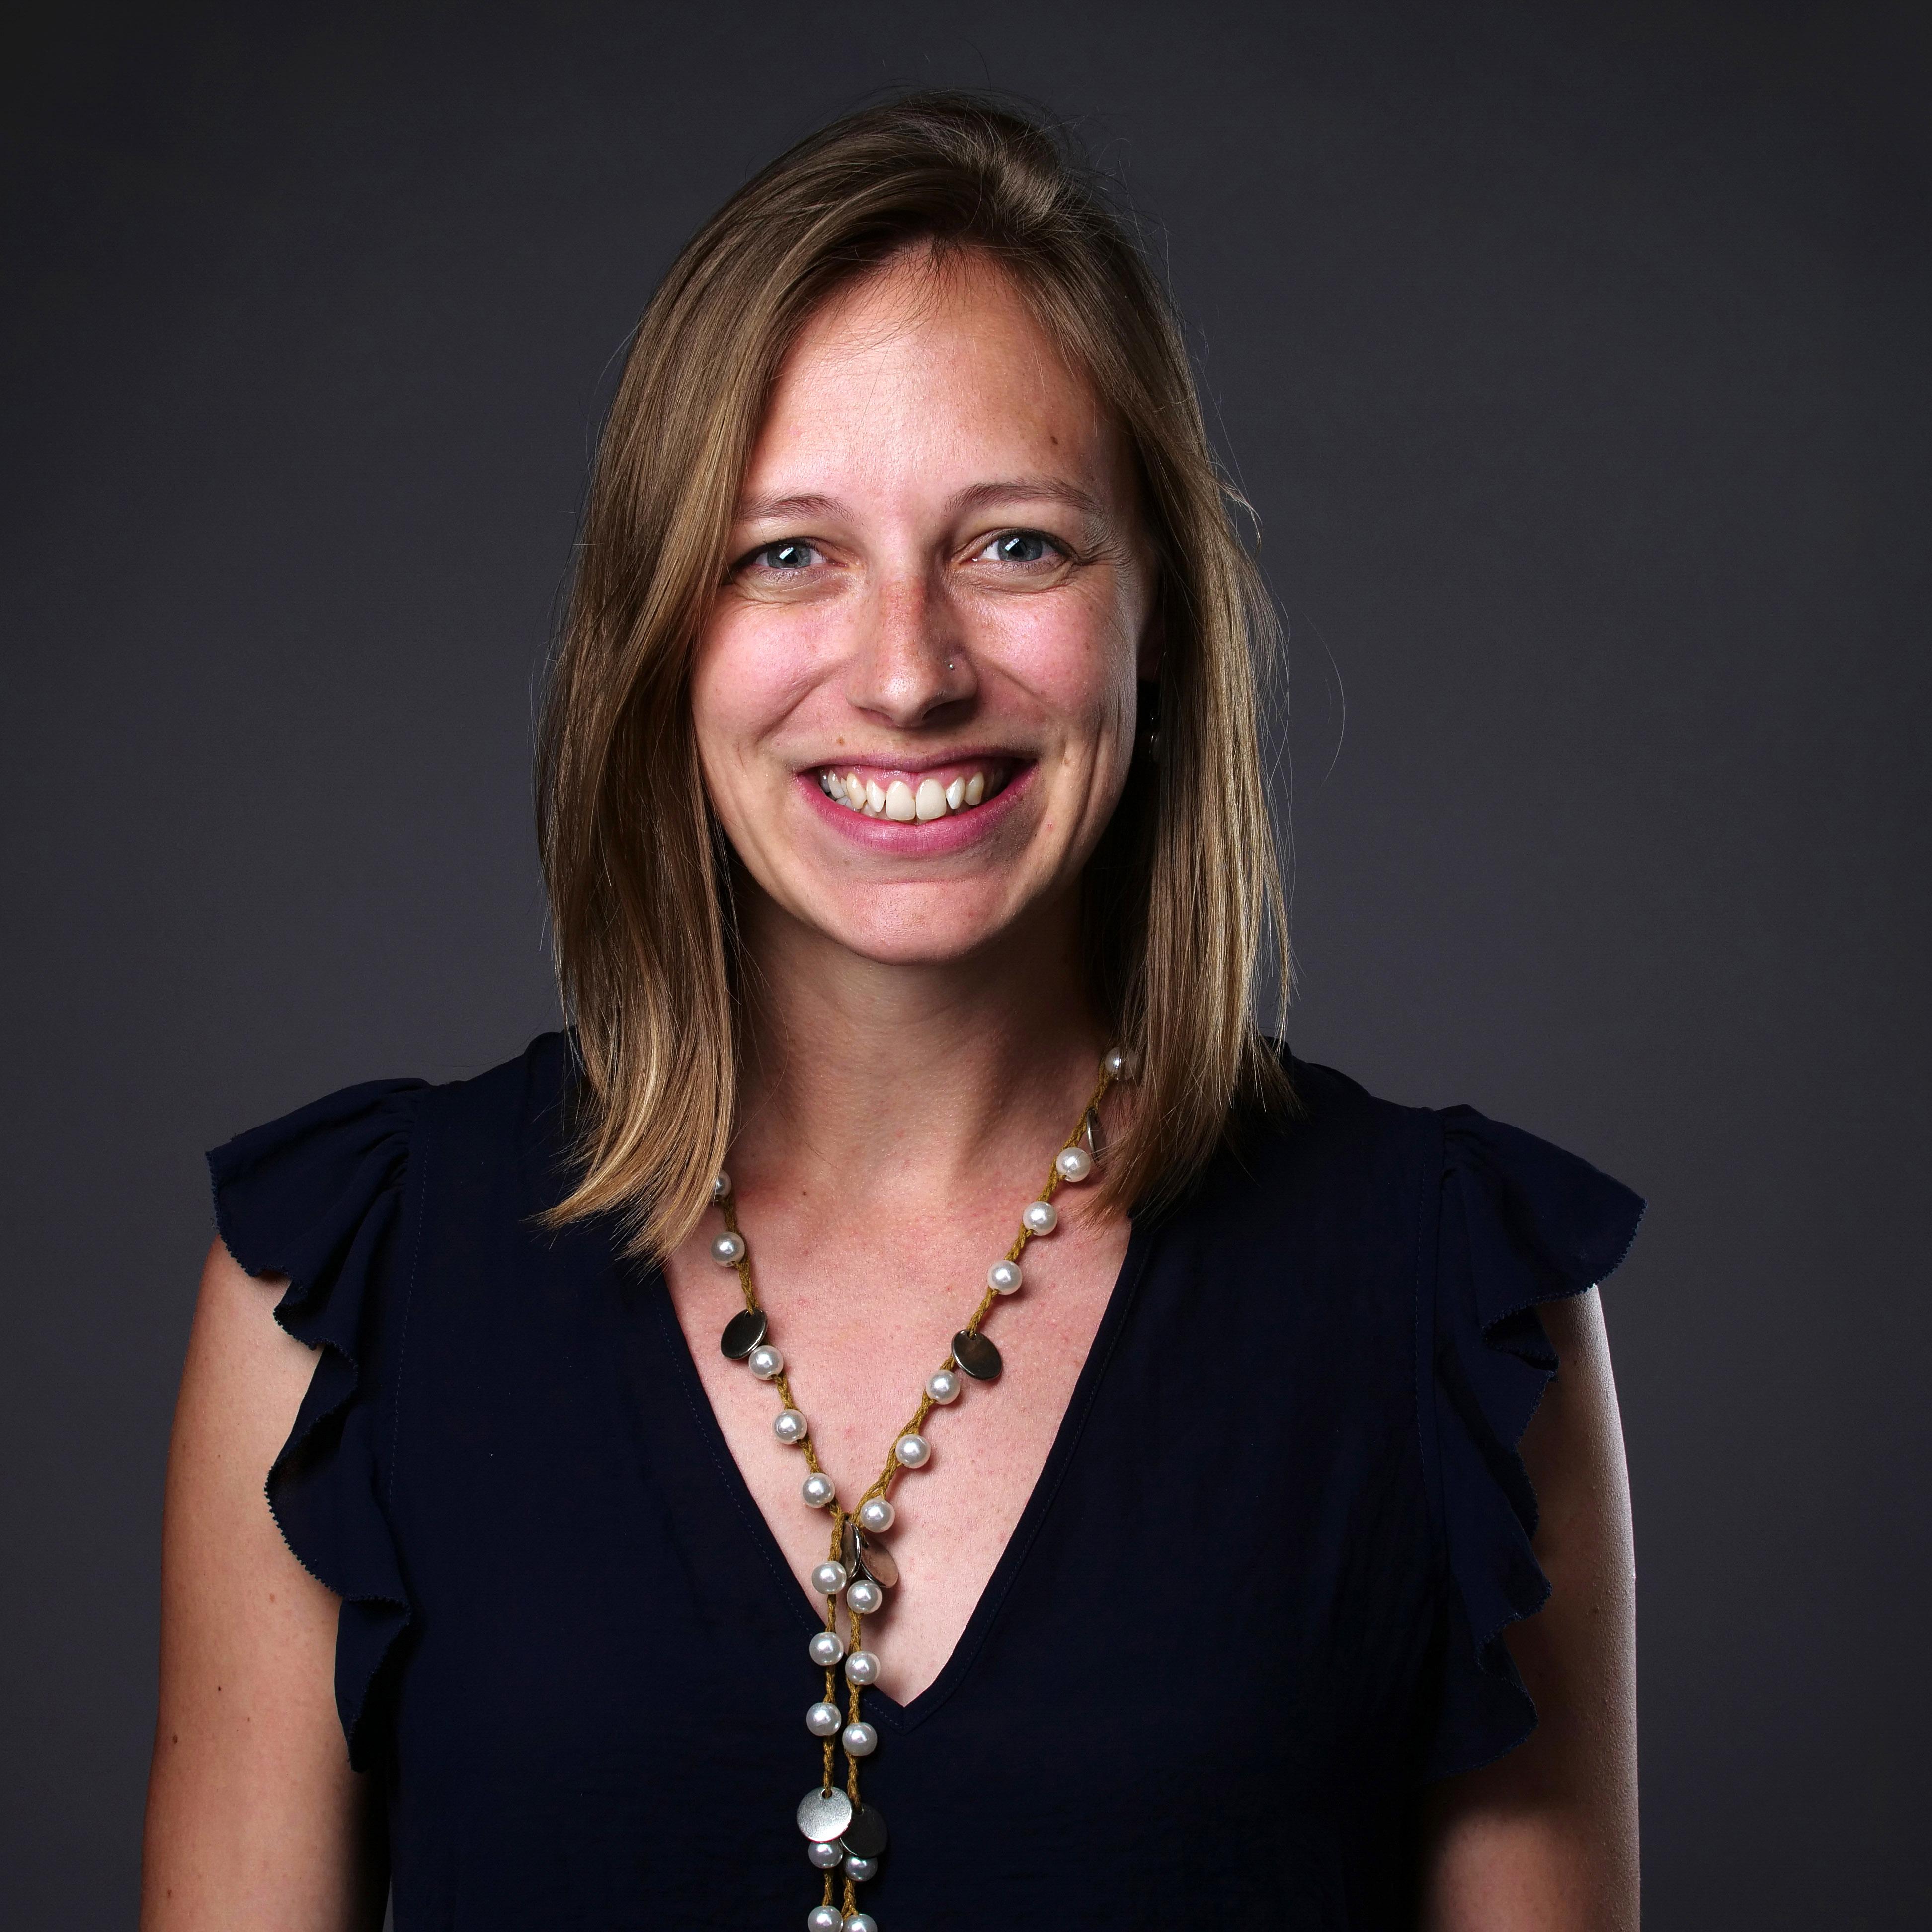 Anna Hobbiss, PhD